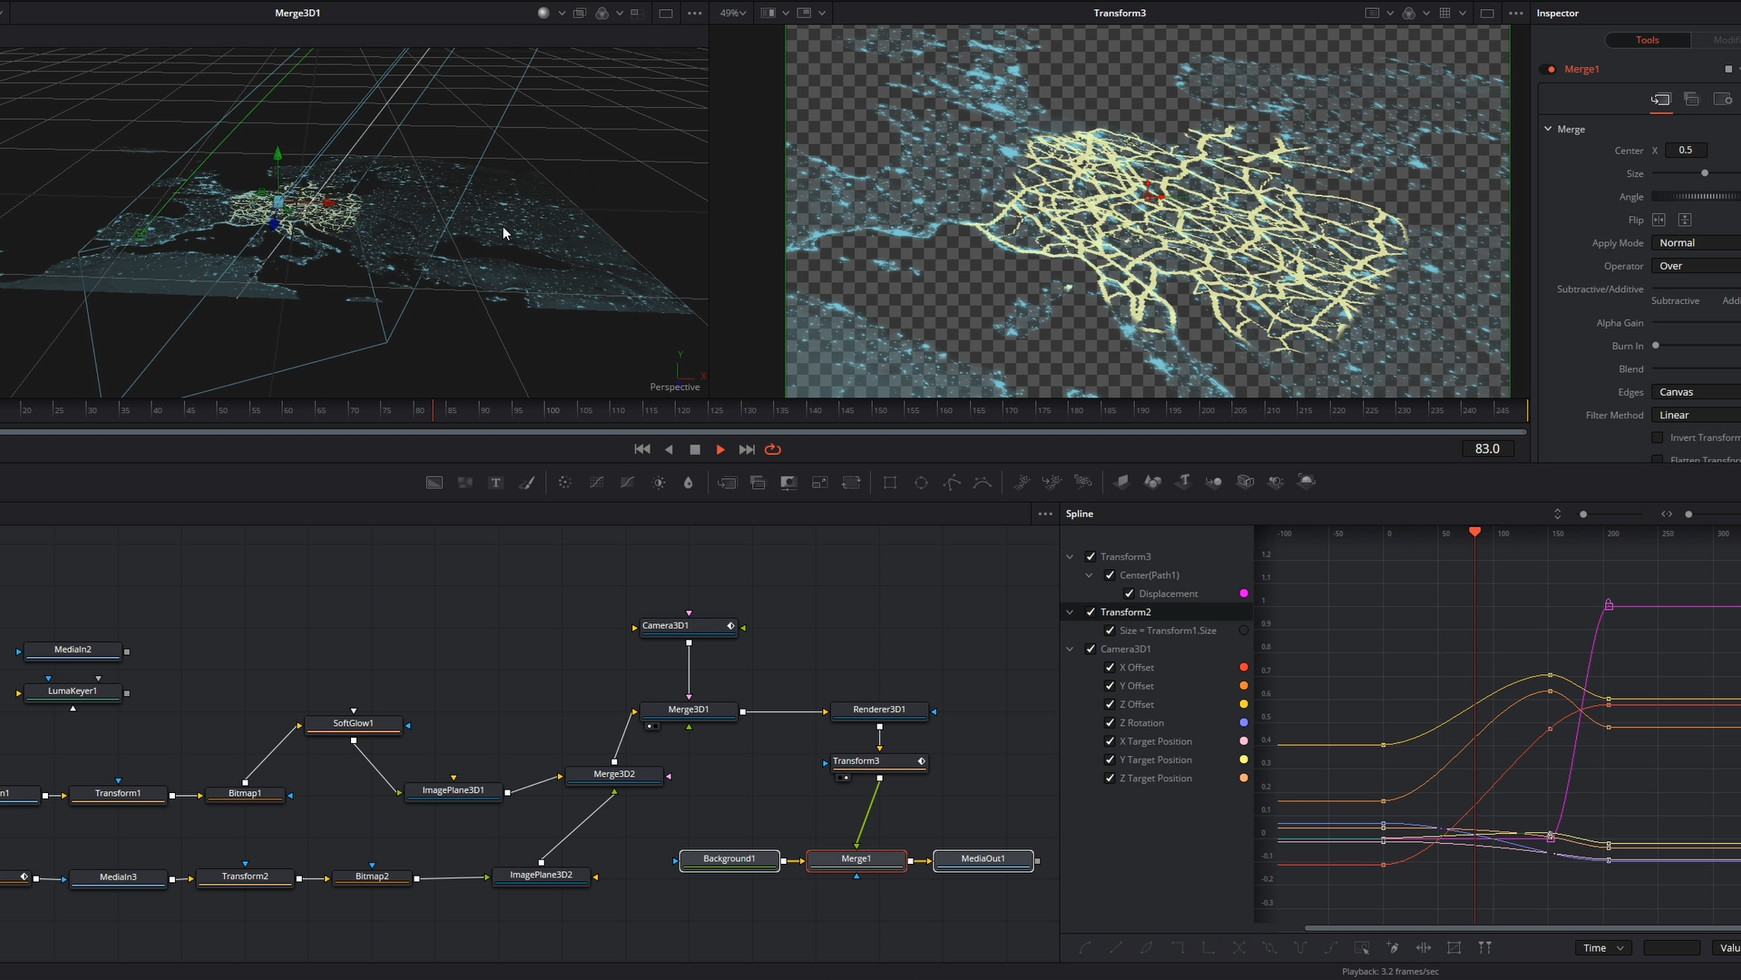 Animacij za prikaz transportnih poti